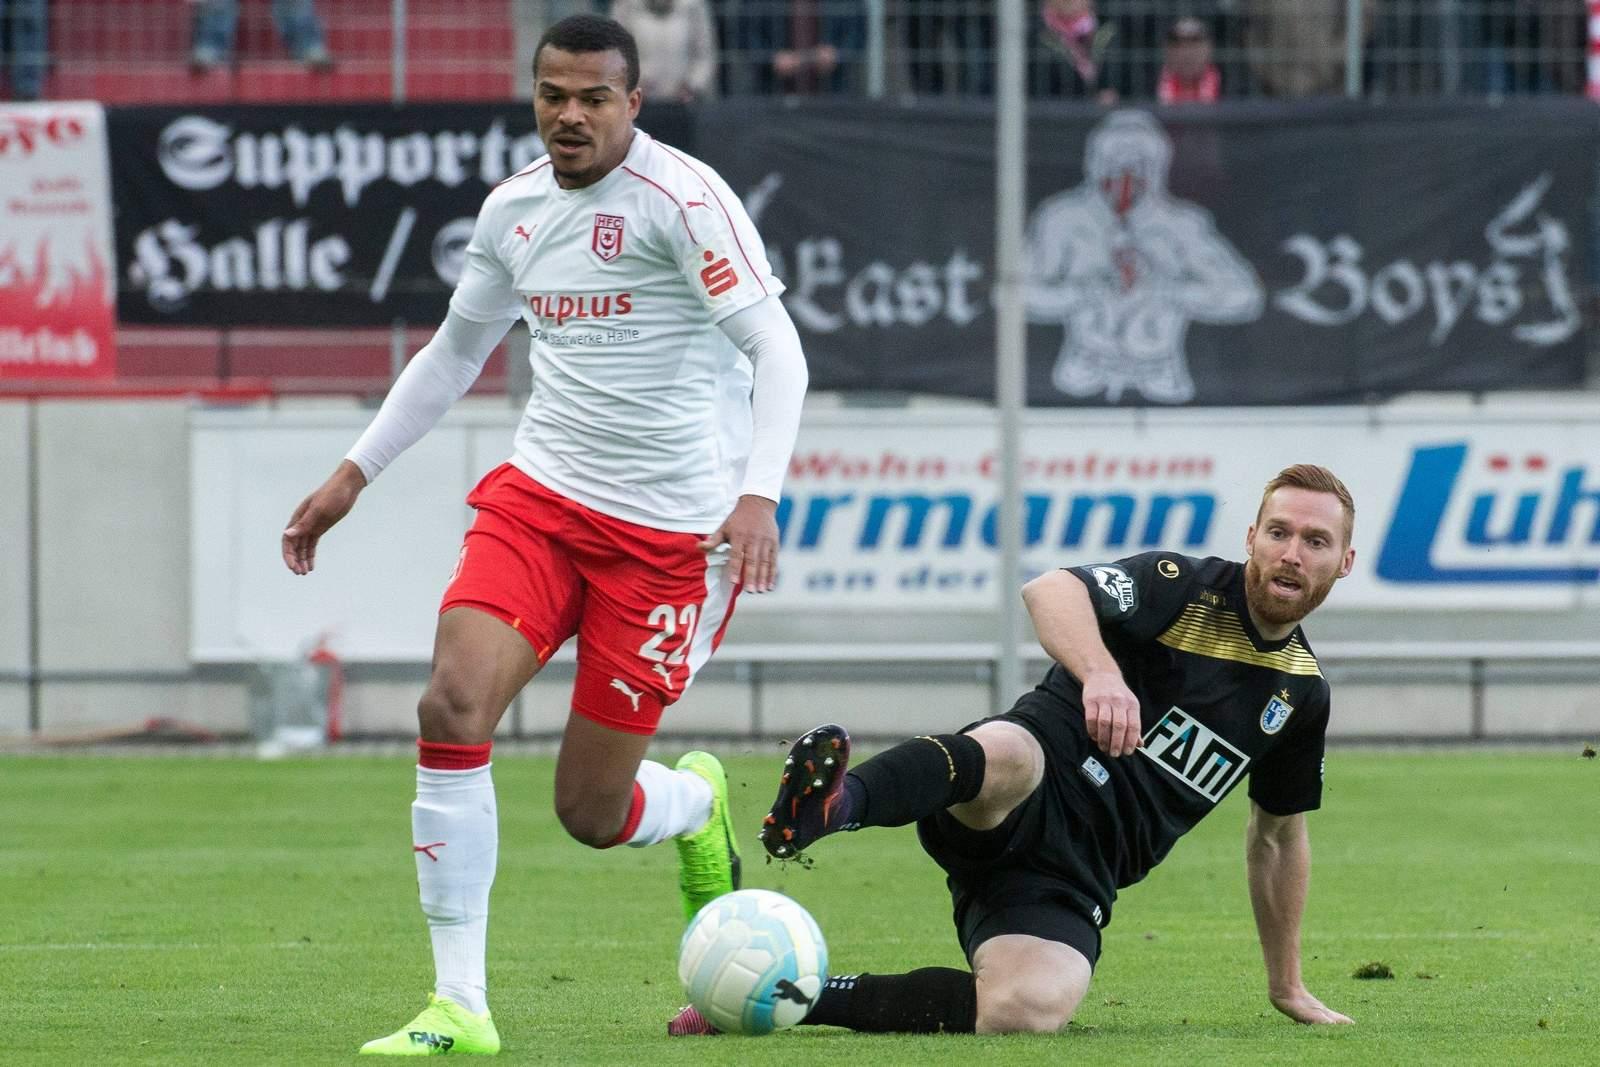 Marvin Ajani zieht an Nico Hammann vorbei. Jetzt auf Halle gegen Magdeburg wetten!